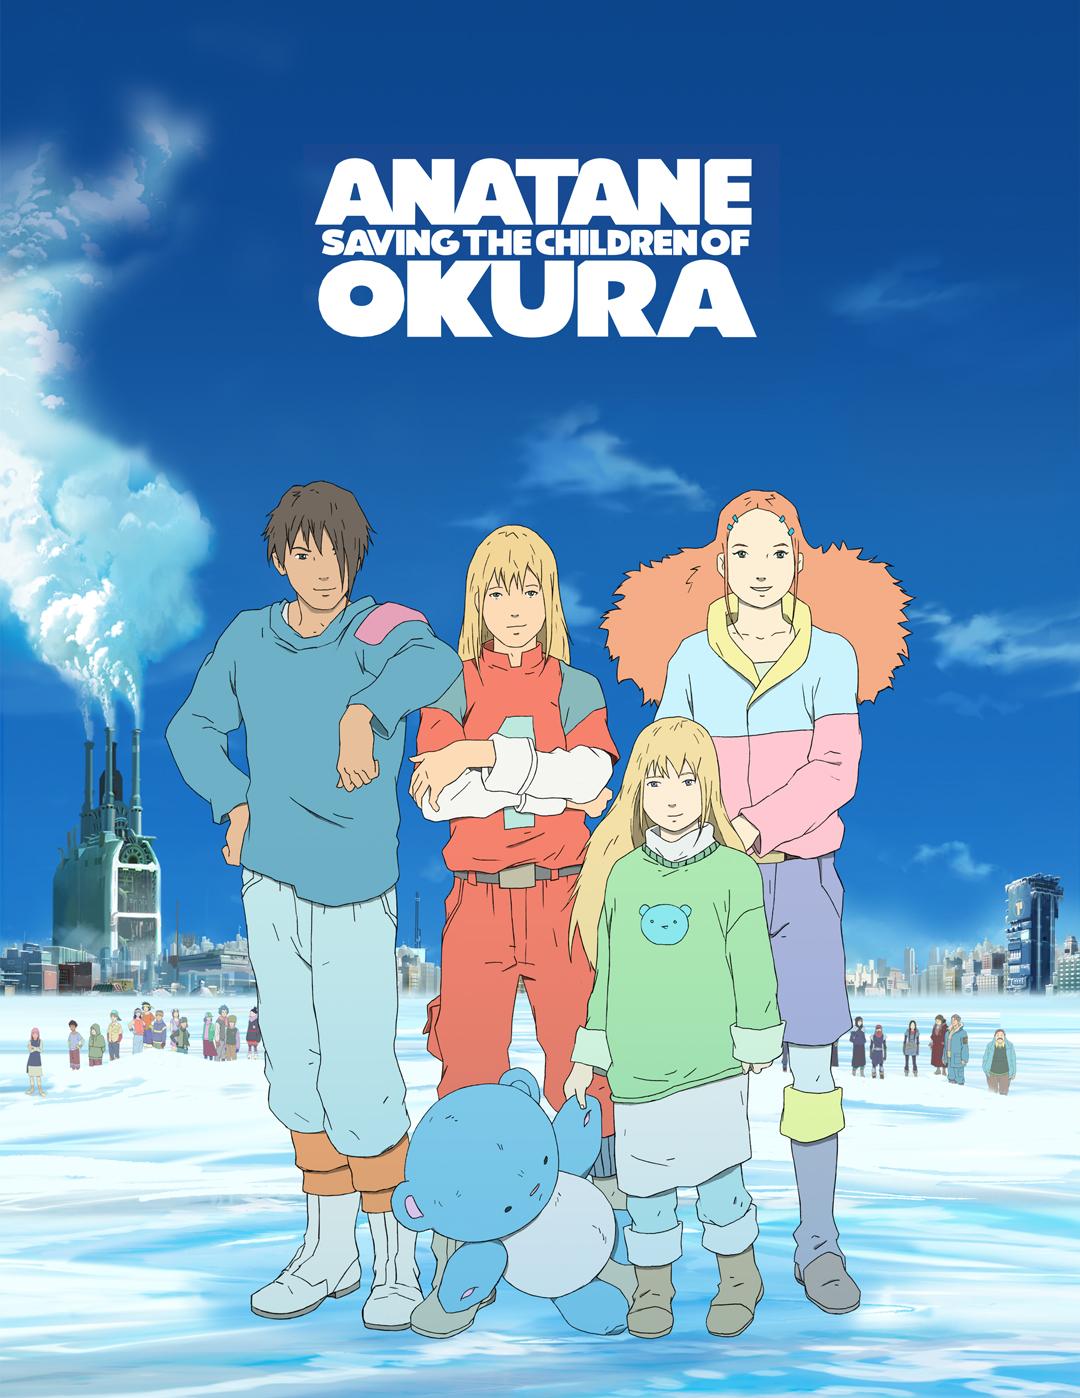 Anatane: Saving the Children of Okura – 26 x 26'